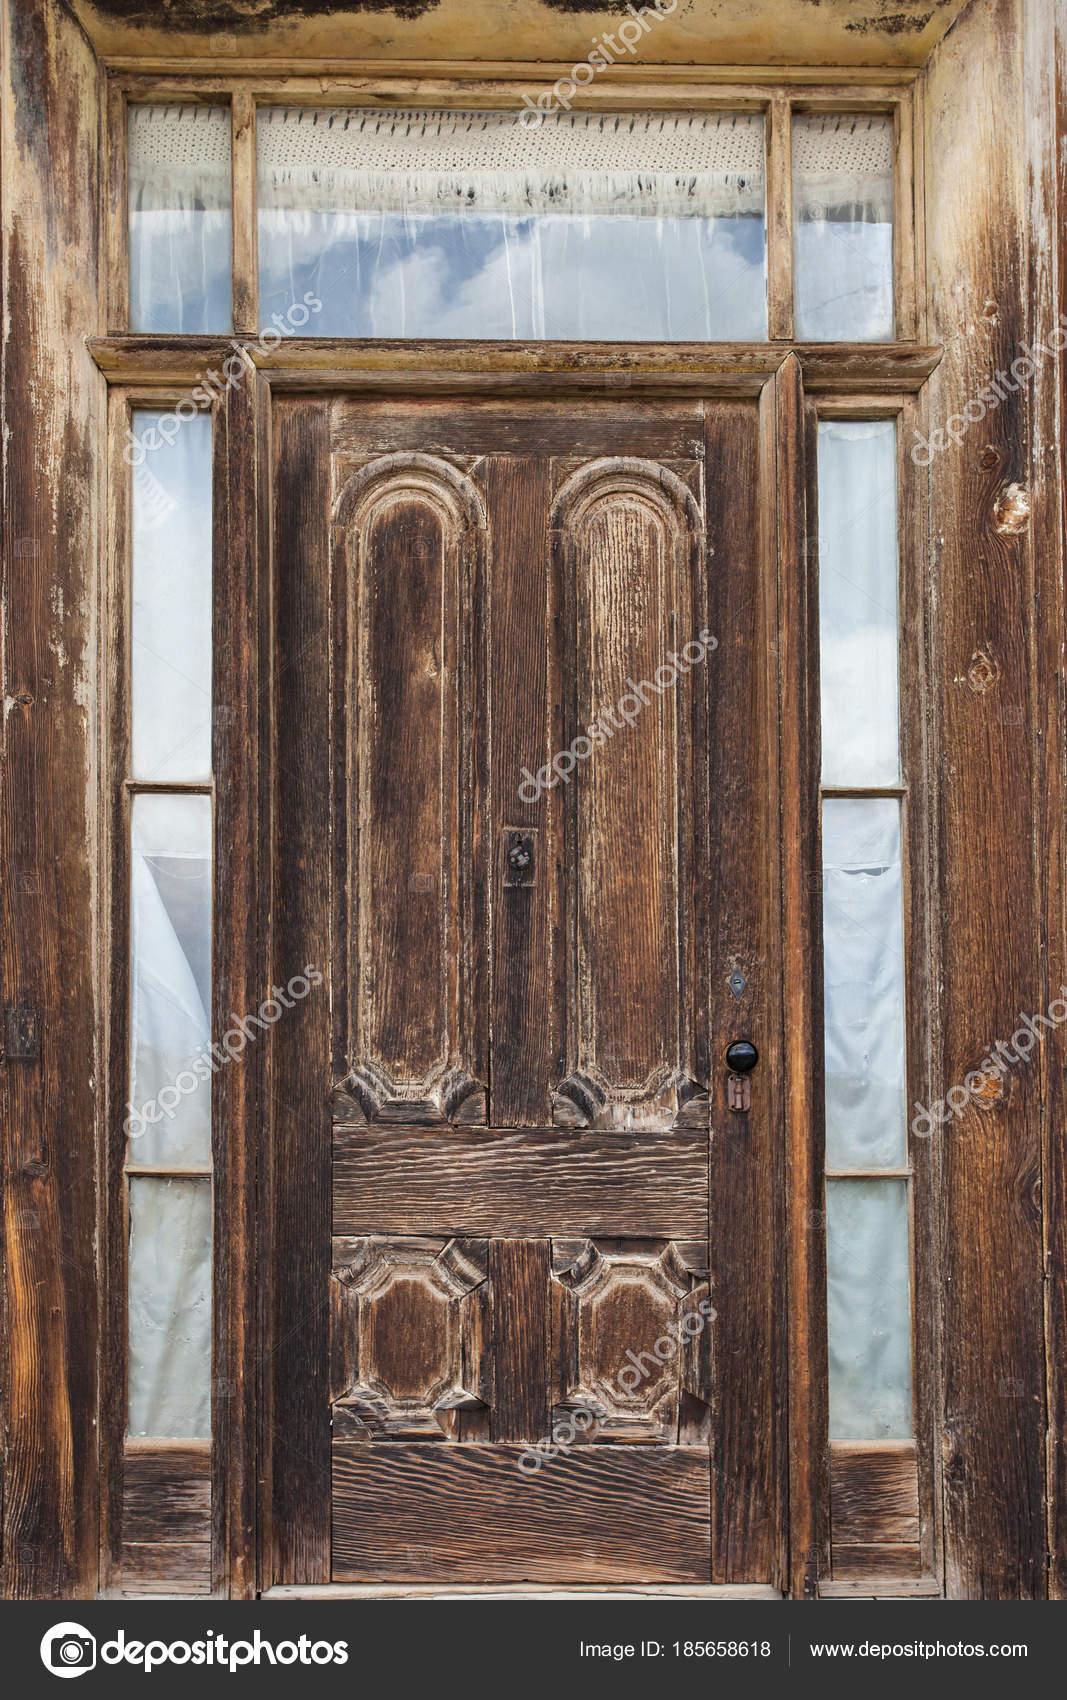 Old Wooden Door in Ghost Town u2014 Stock Photo & Old Wooden Door in Ghost Town u2014 Stock Photo © paulbradyphoto #185658618